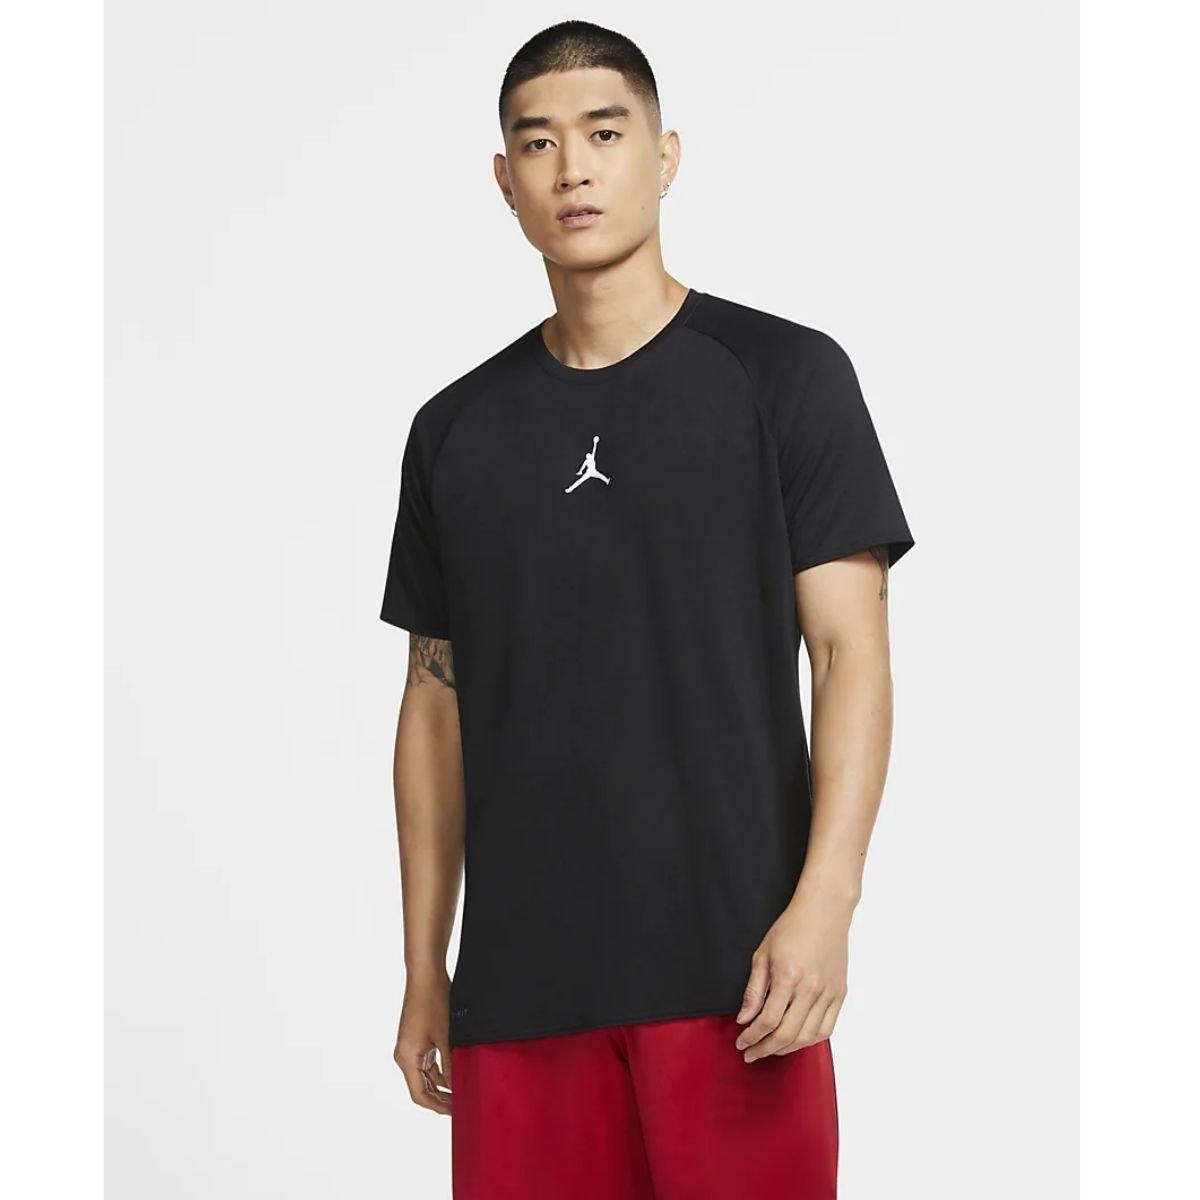 T-Shirt Nike Jordan Air...